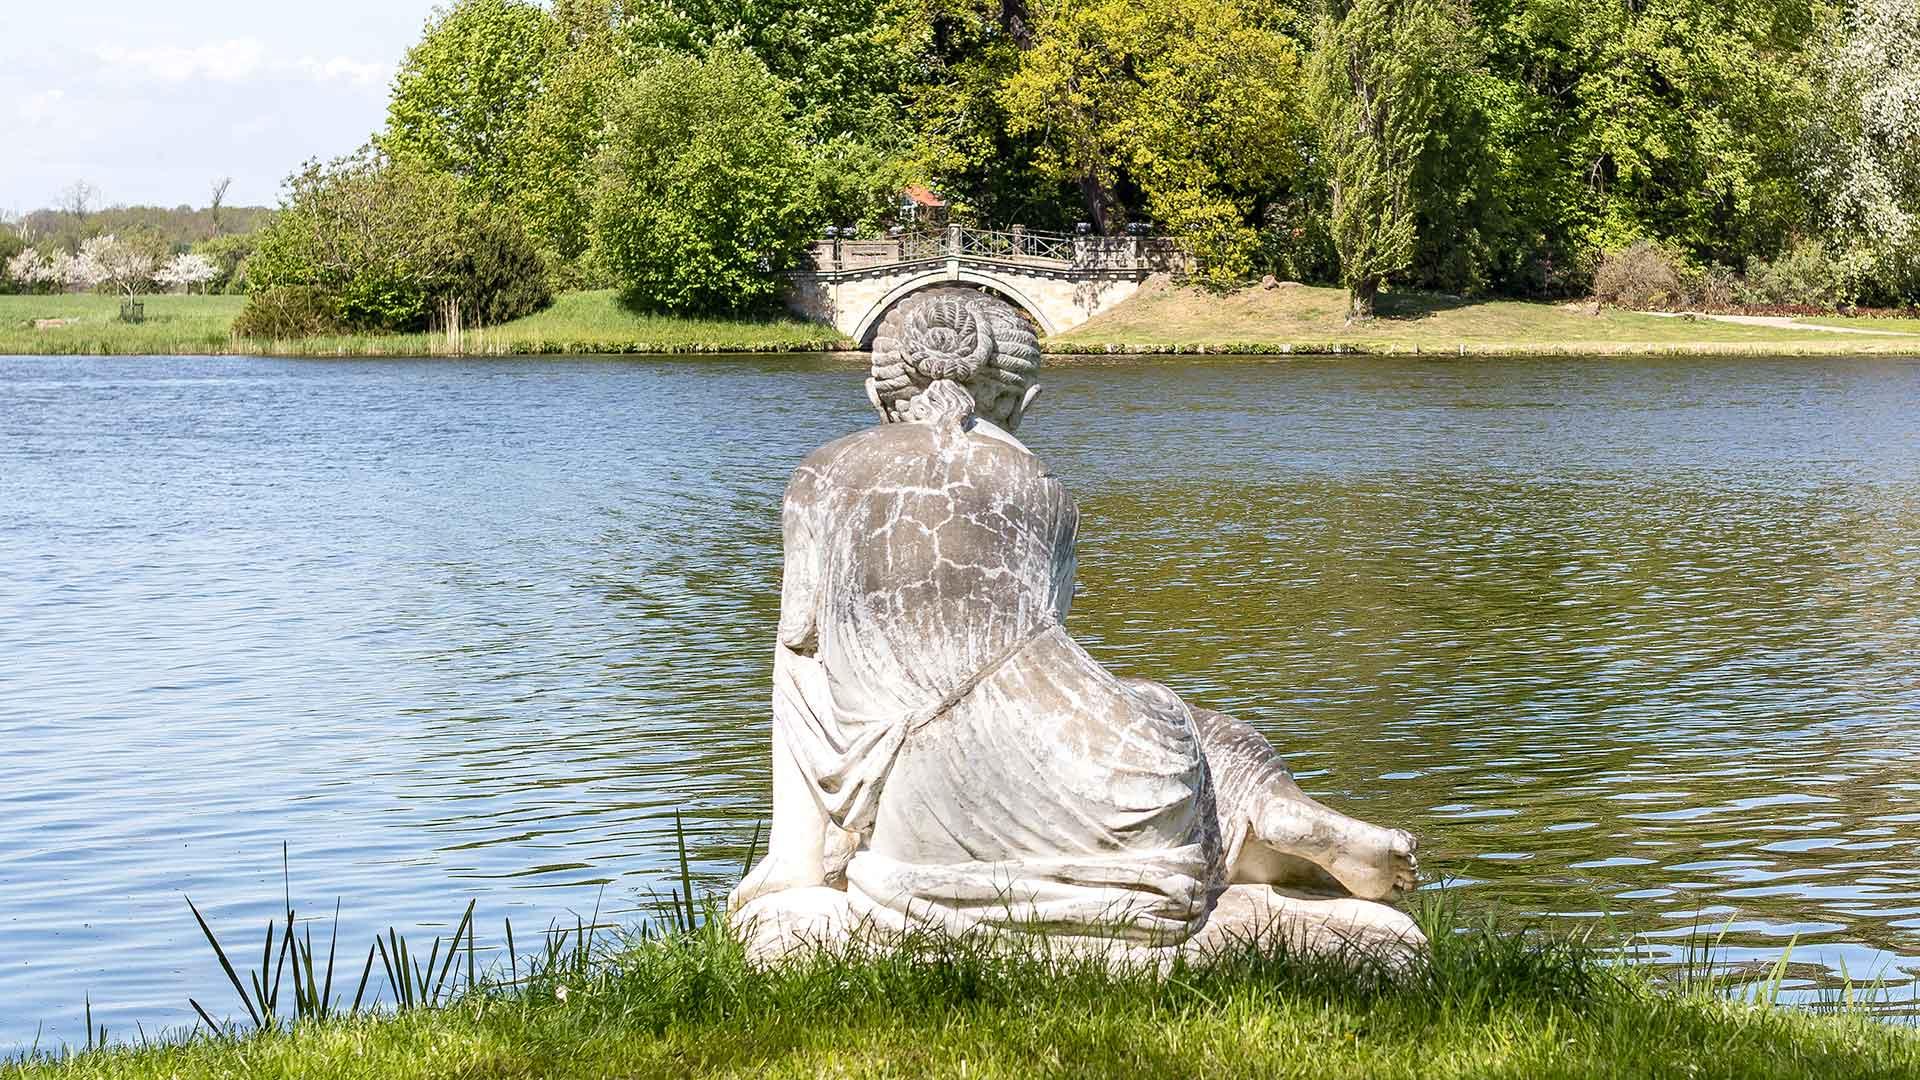 Landschaftsfotografie, Regionalporträt: Wurlitzer Park – Figur und Brücke | Foto: Dieter Eikenberg, imprints